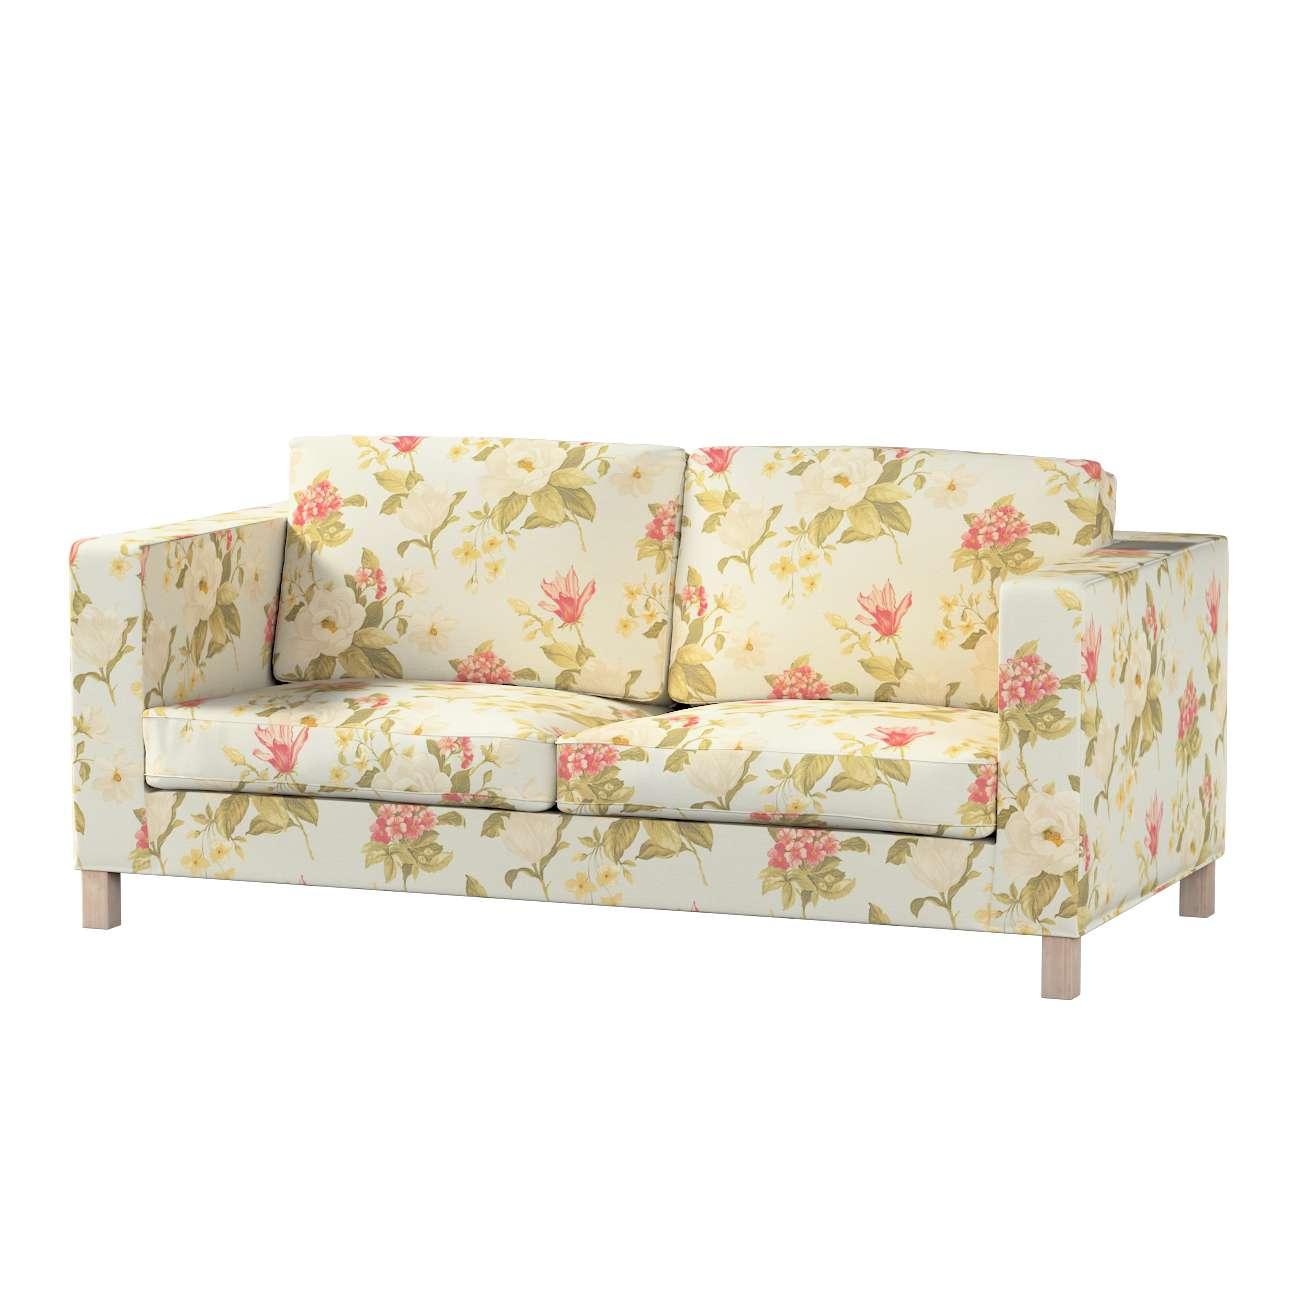 KARLANDA sofos lovos užvalkalas KARLANDA sofos lovos užvalkalas kolekcijoje Londres, audinys: 123-65